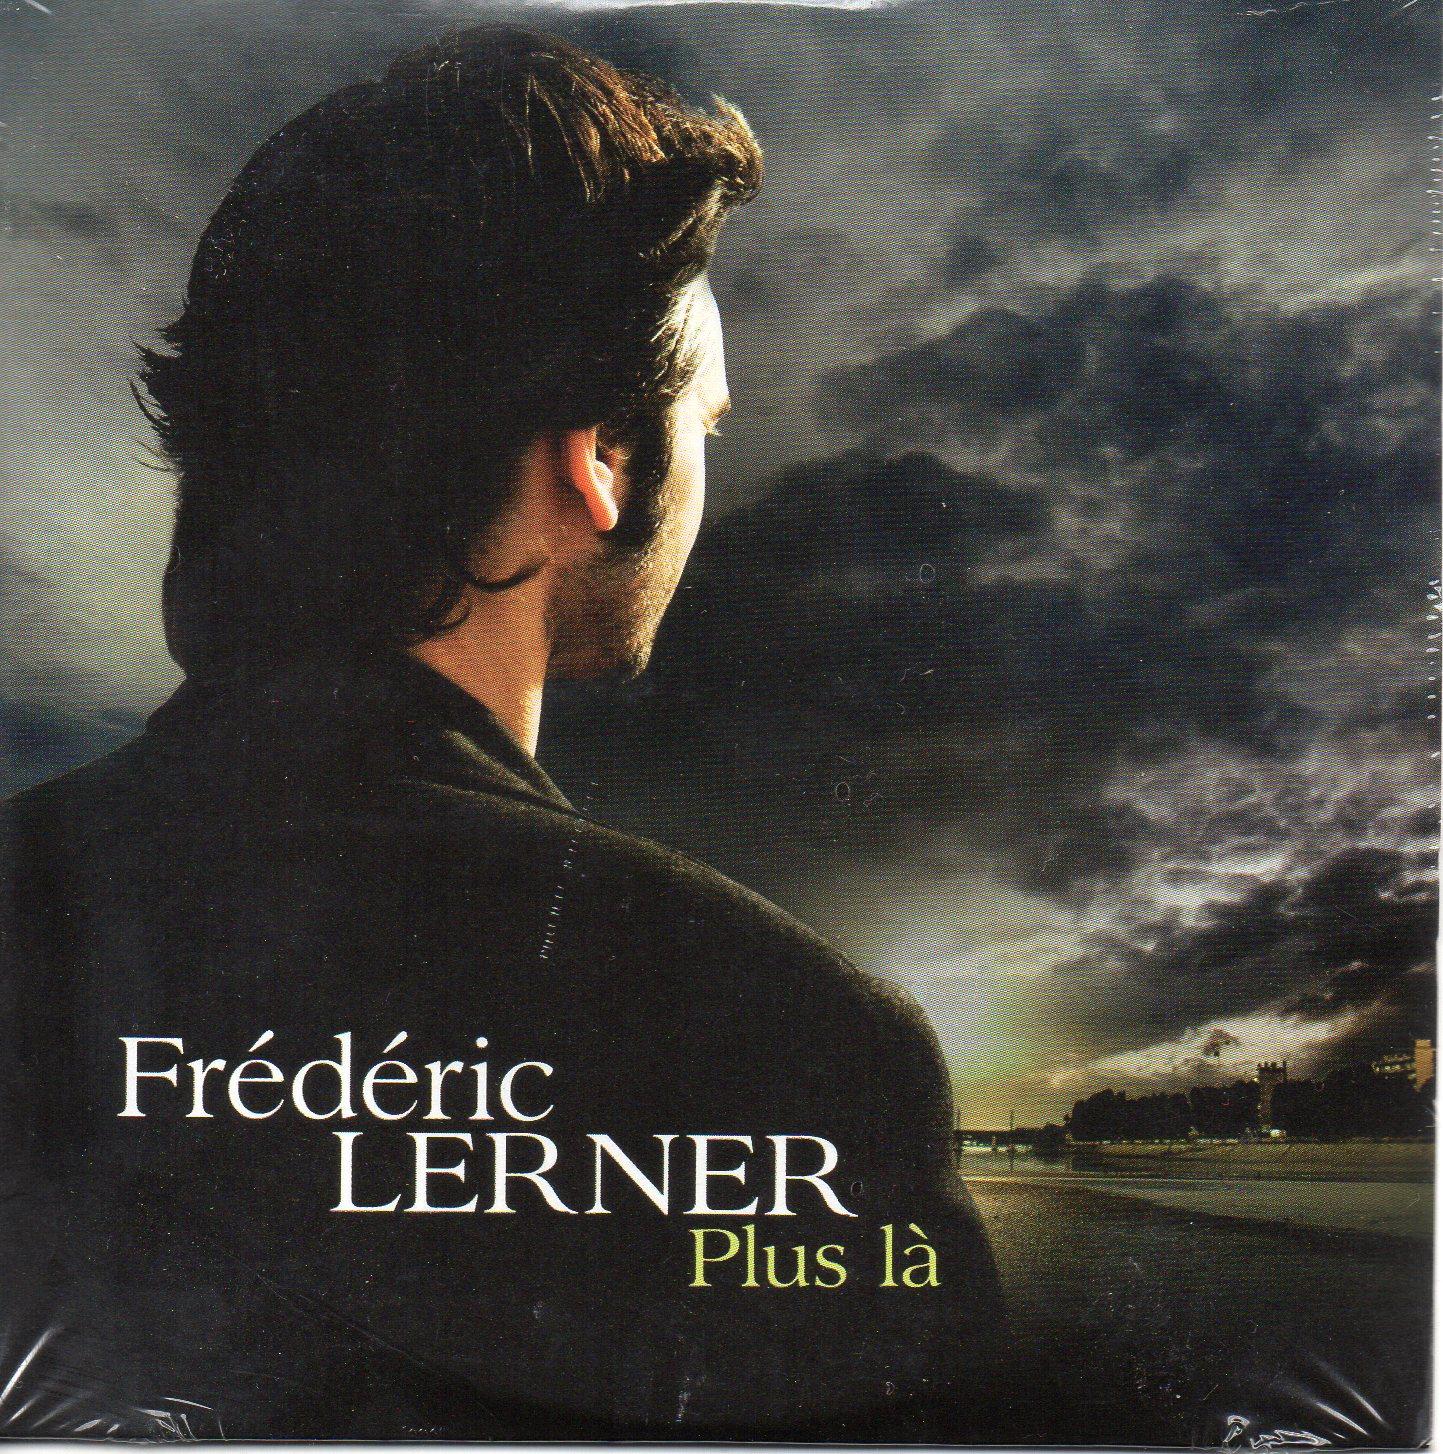 FRÉDÉRIC LERNER - Plus là 3-track CARD SLEEVE - CD single